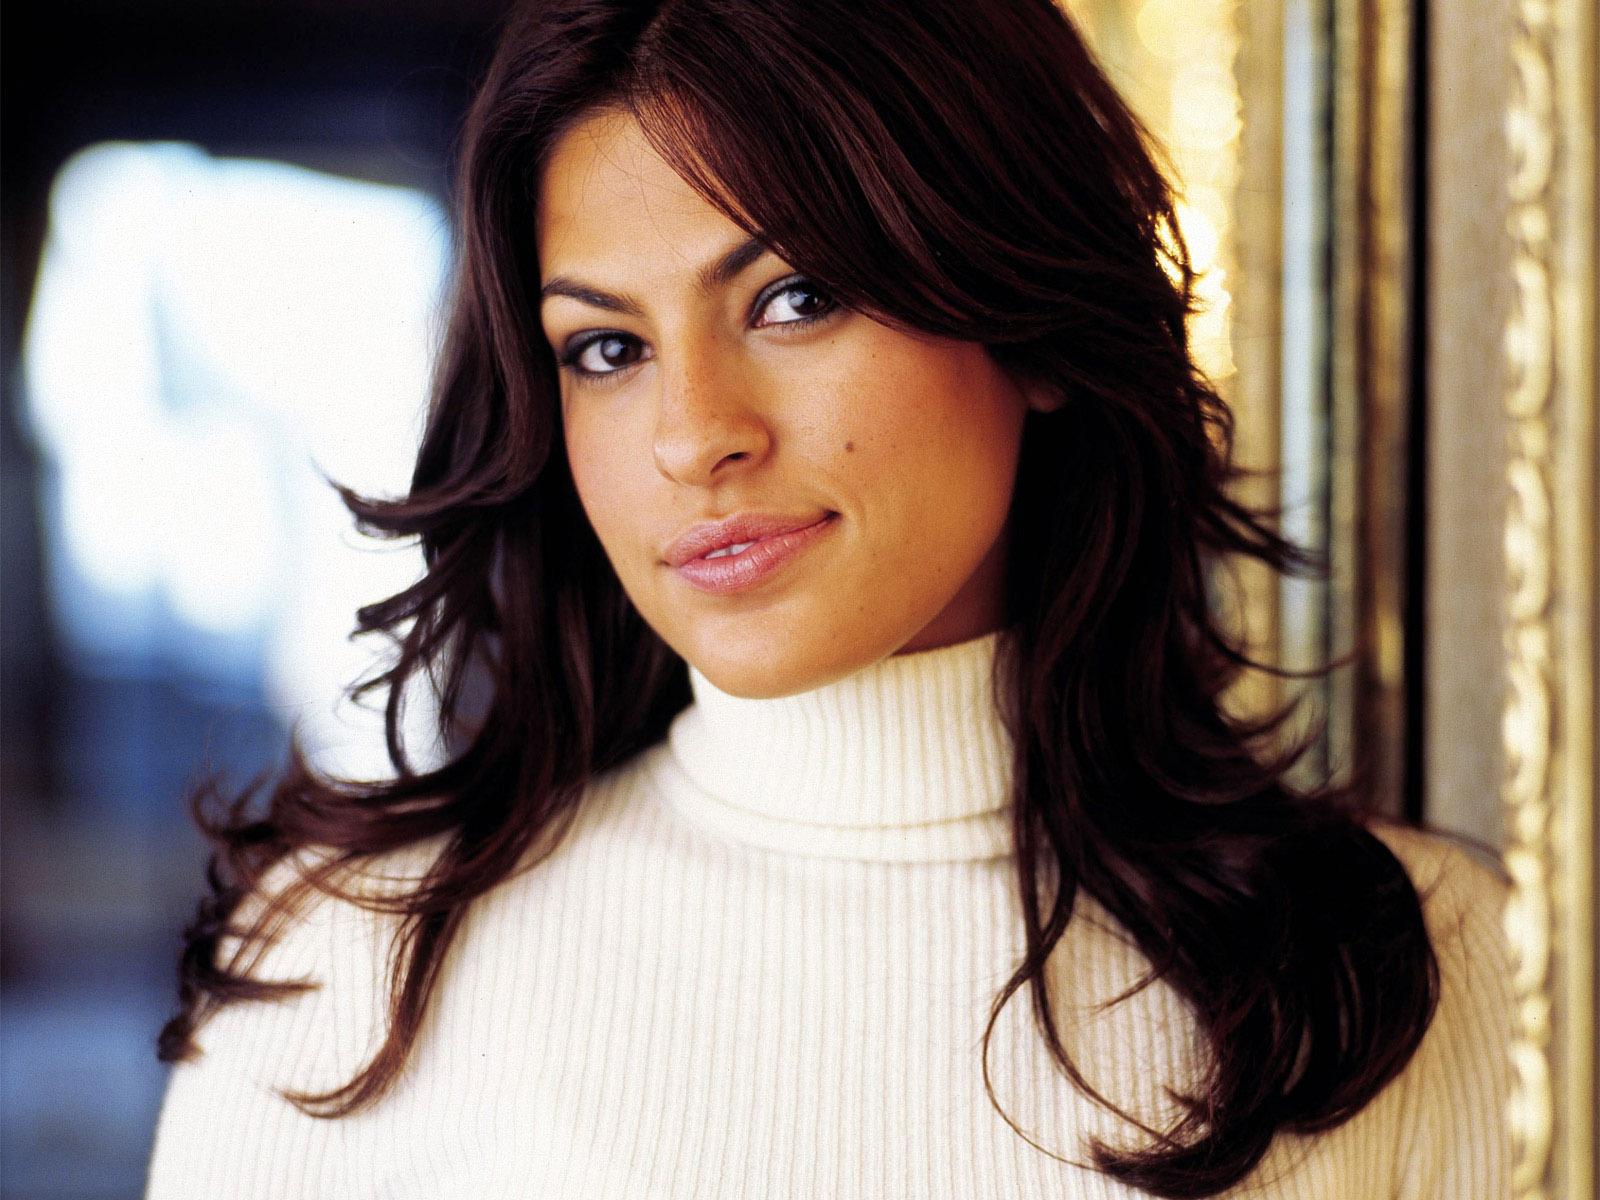 HD wallpapers: Super Hot actress EVA MENDES HD 2012 ...